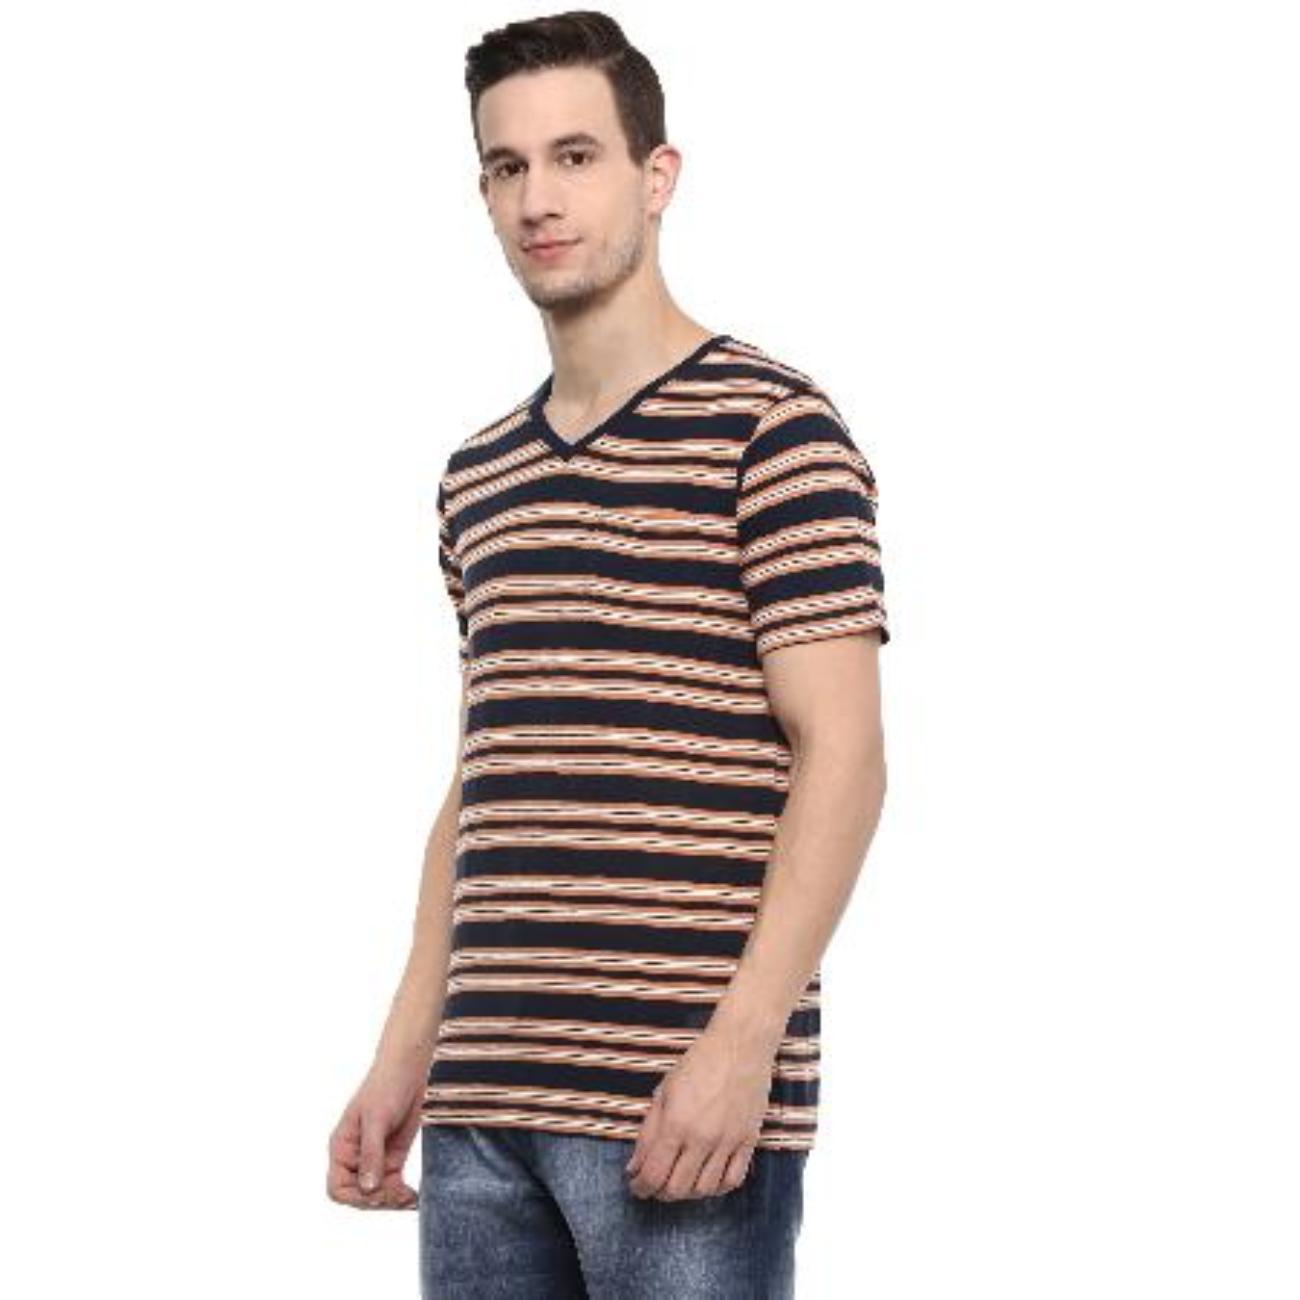 Stripes TShirts for Men